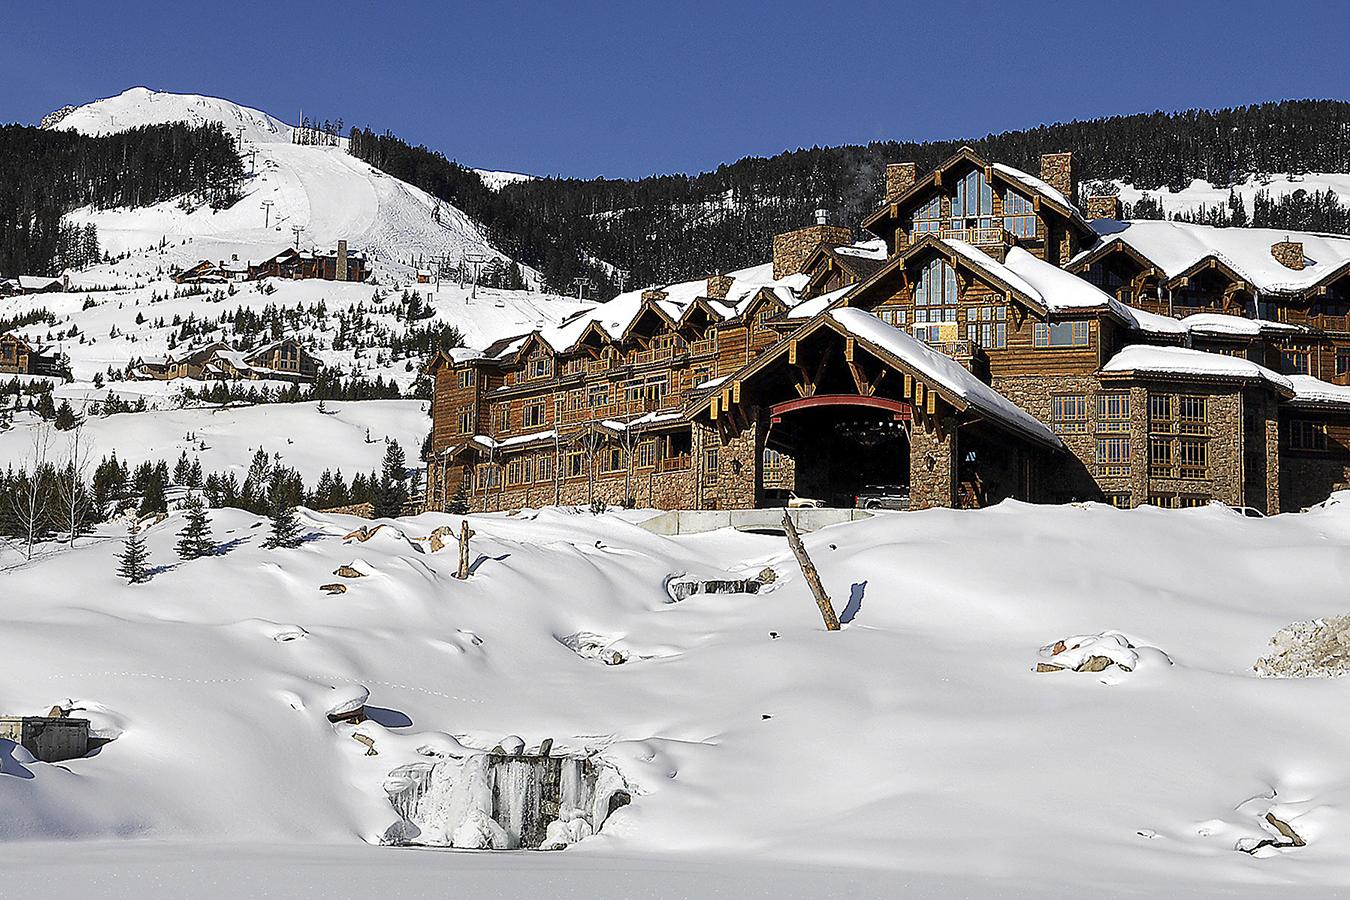 Don't Eat the Yellowstone Snow: Elite Ski Resort Aims to Turn Sewage Into Powder - Kaiser Health News